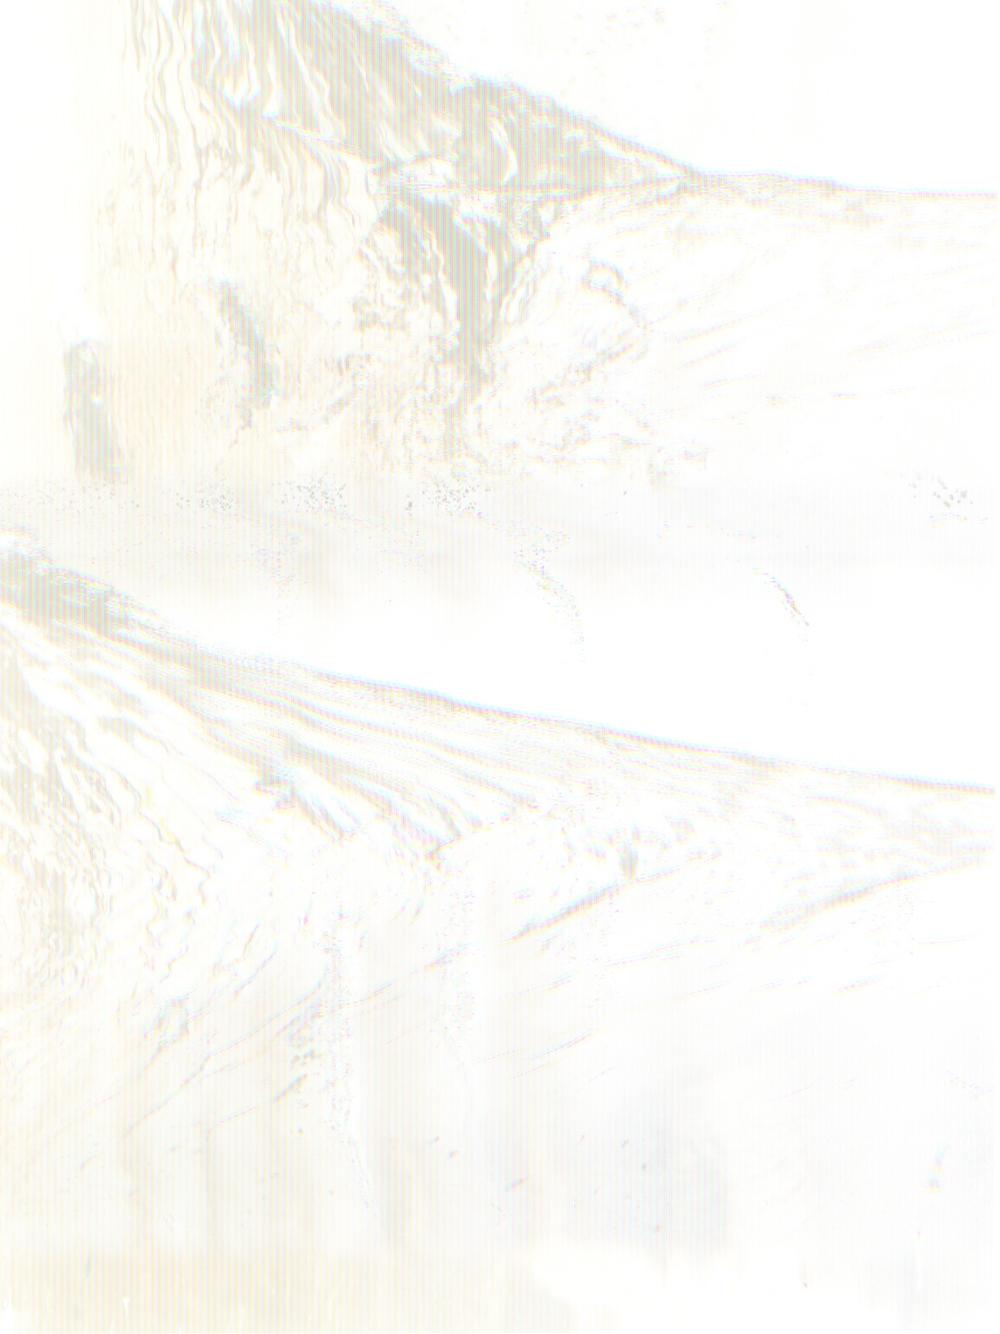 OCEANMOVIES-007.jpg